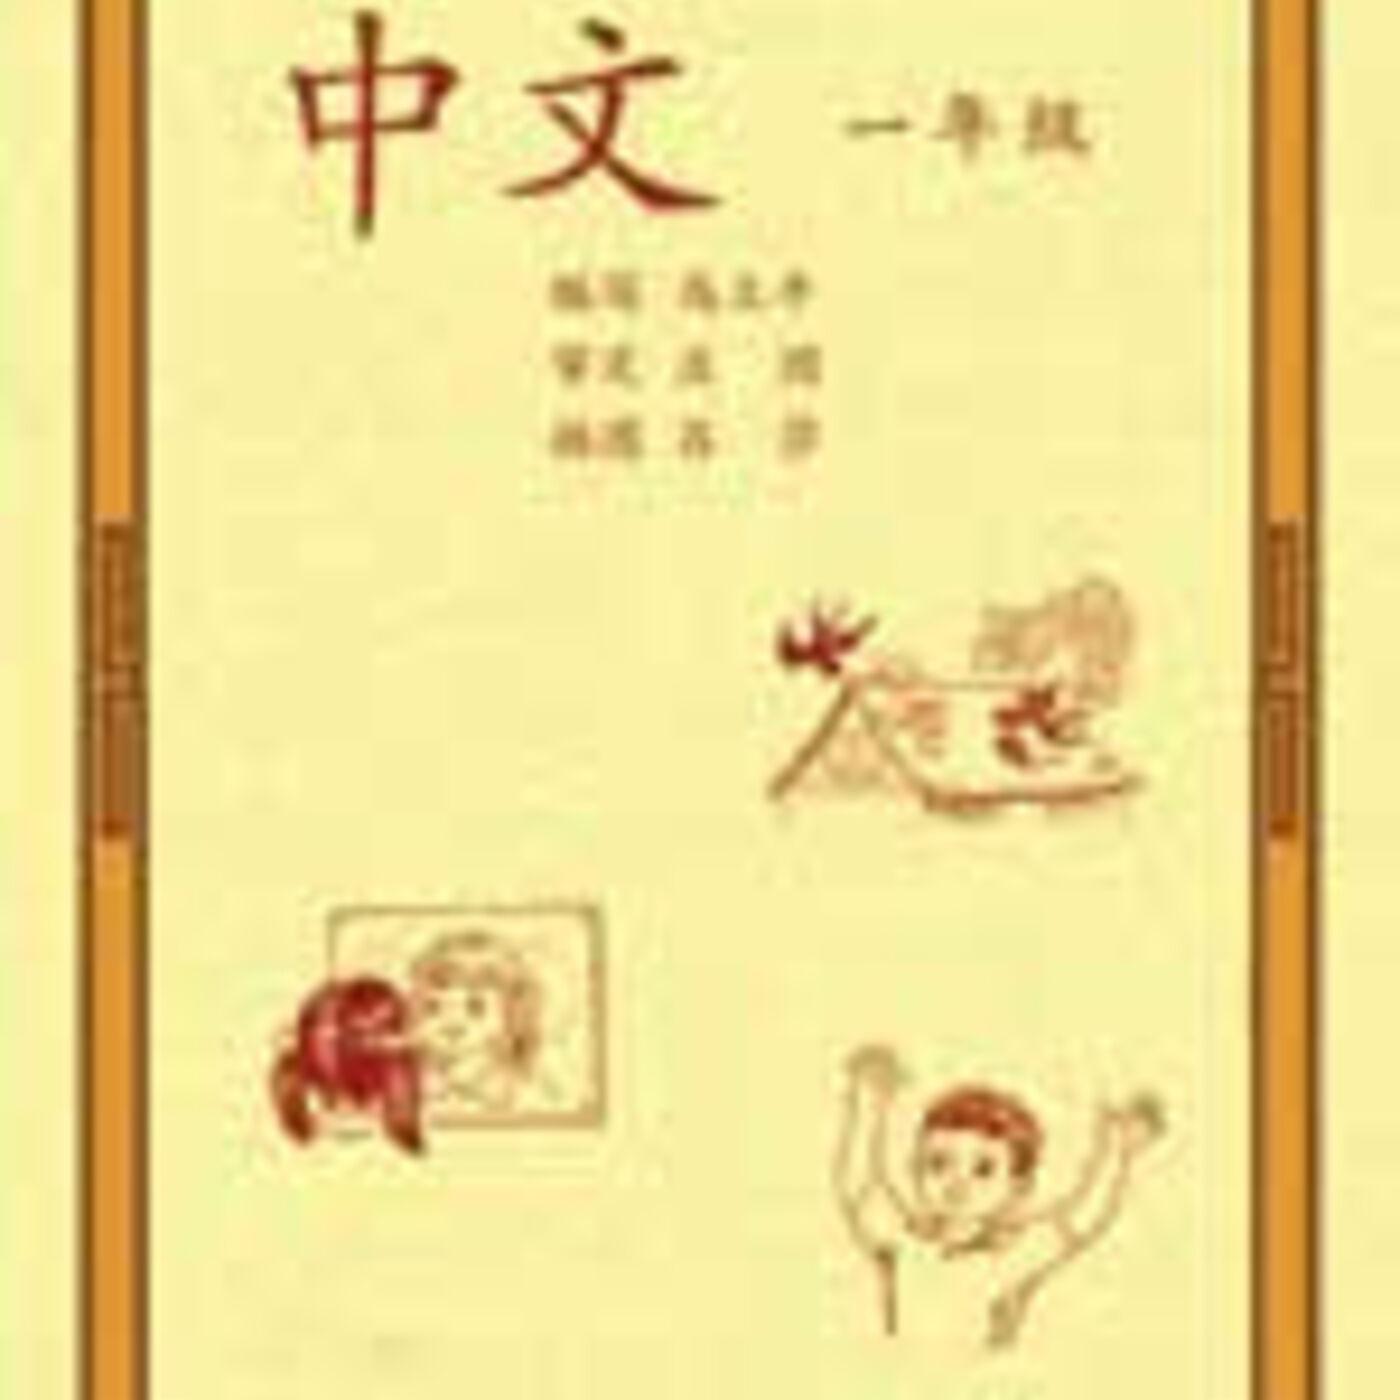 《访谈集 – 对话【马立平中文】的马立平老师》